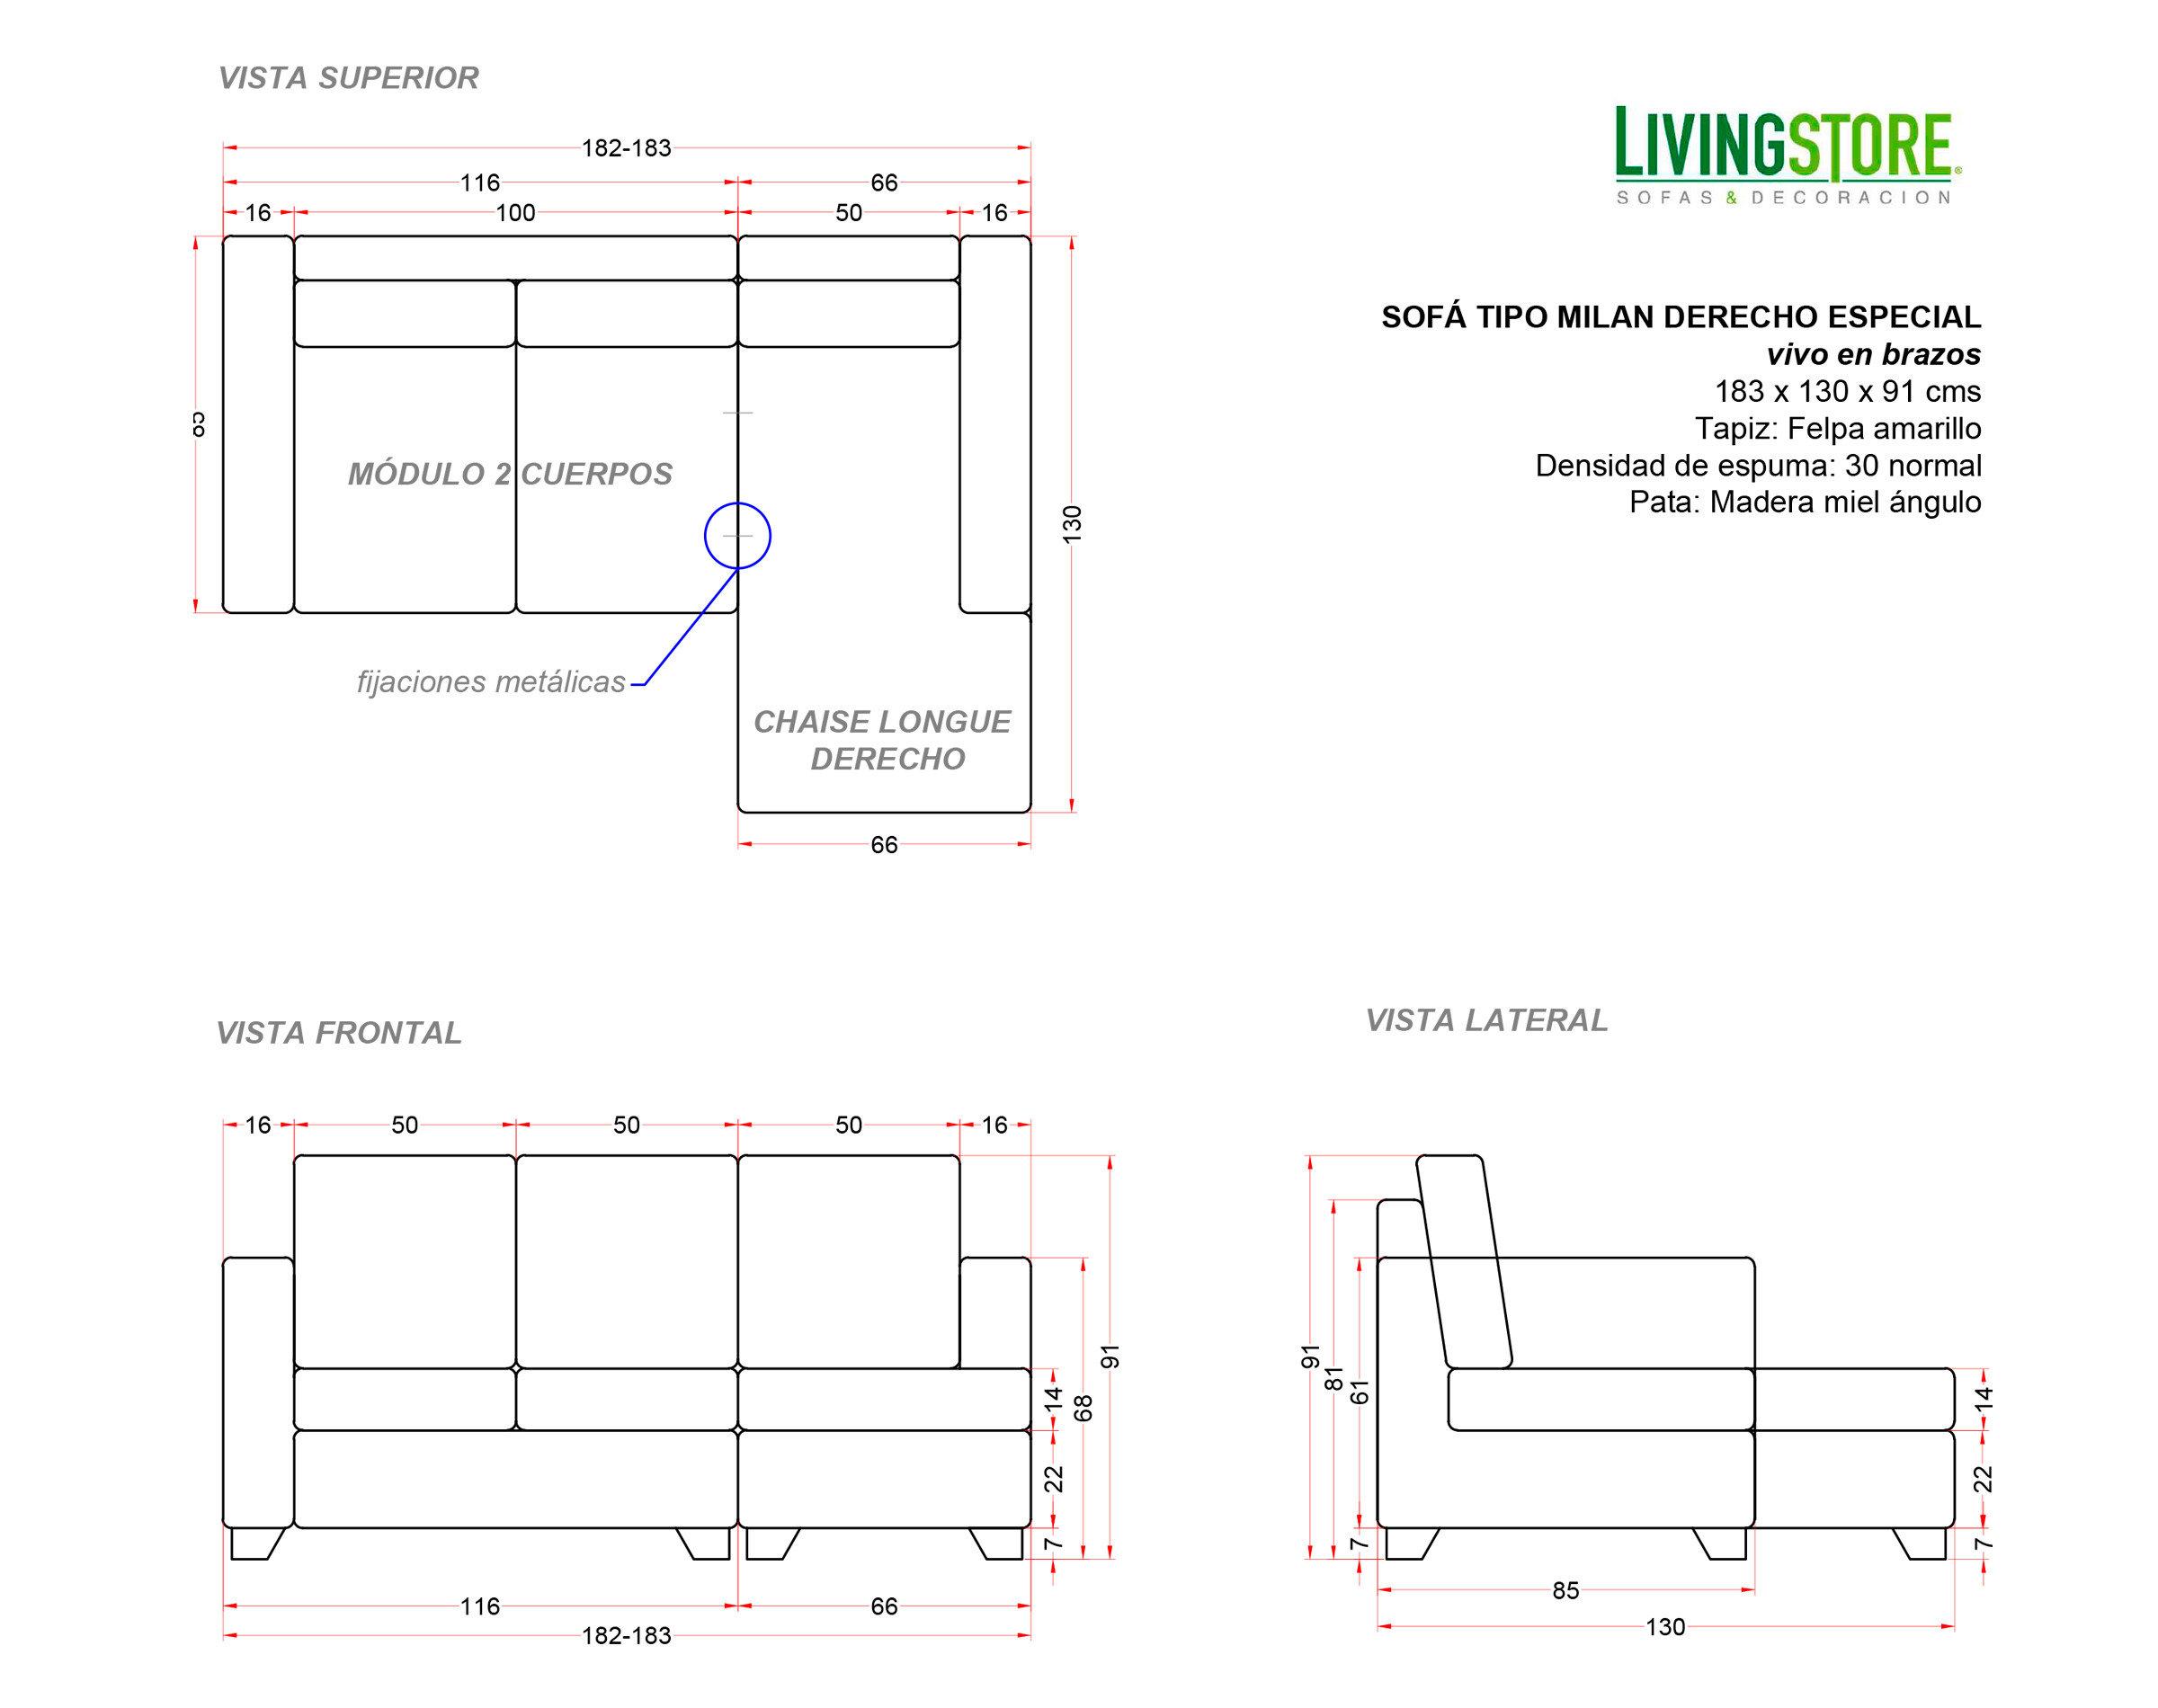 planimetria de sofa seccional modular